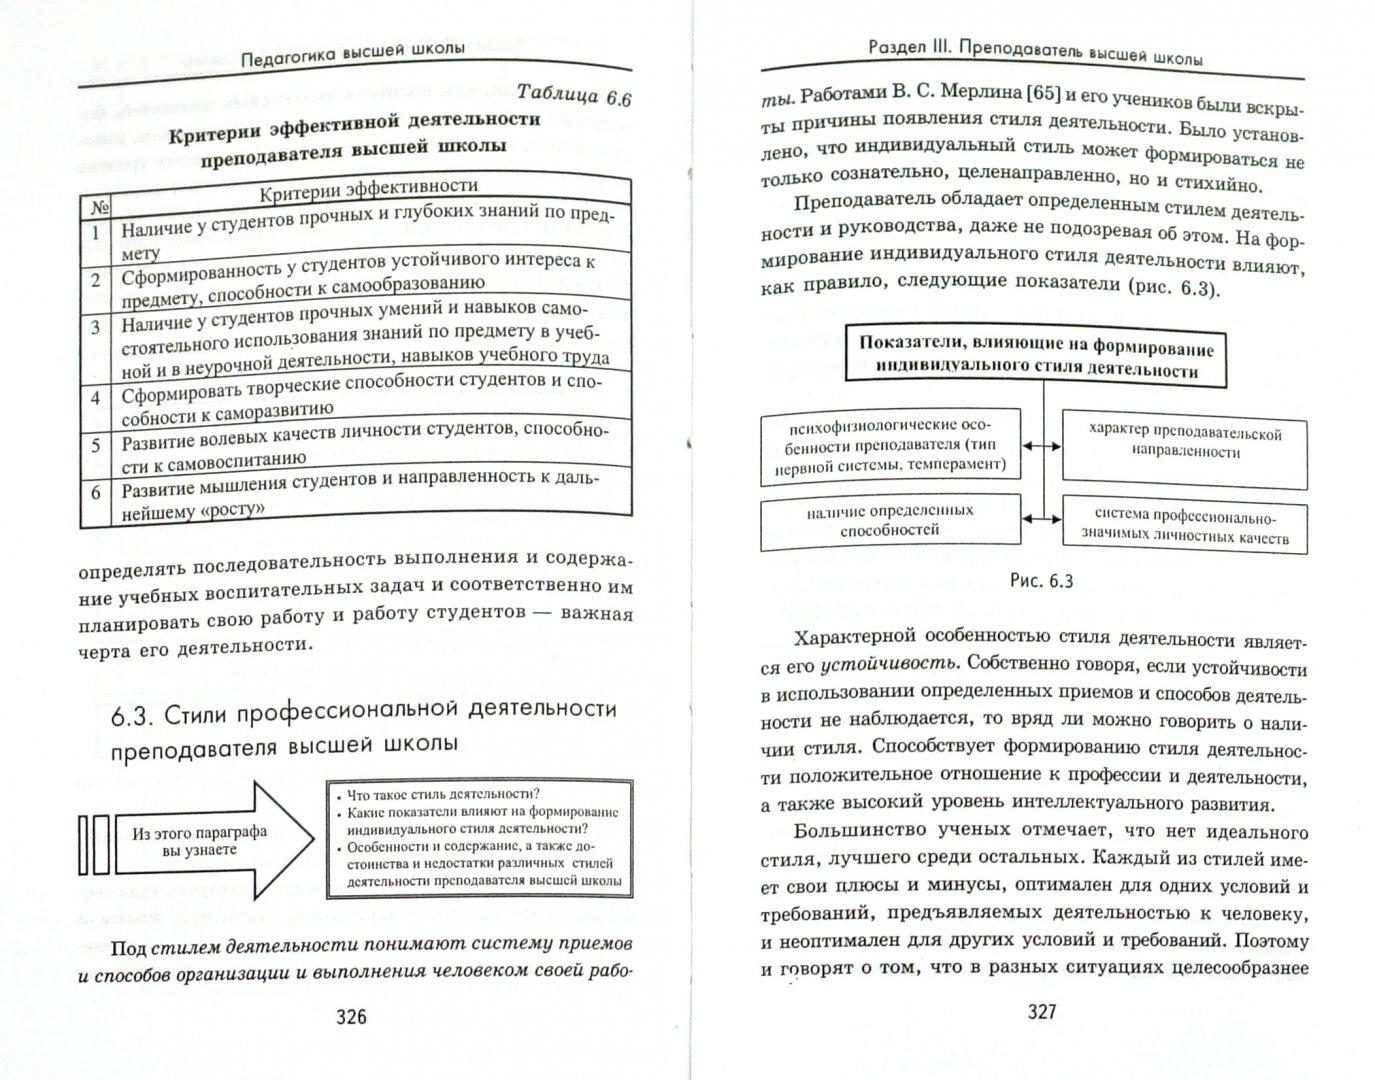 Иллюстрация 1 из 7 для Педагогика высшей школы - Юнна Сорокопуд   Лабиринт - книги. Источник: Лабиринт